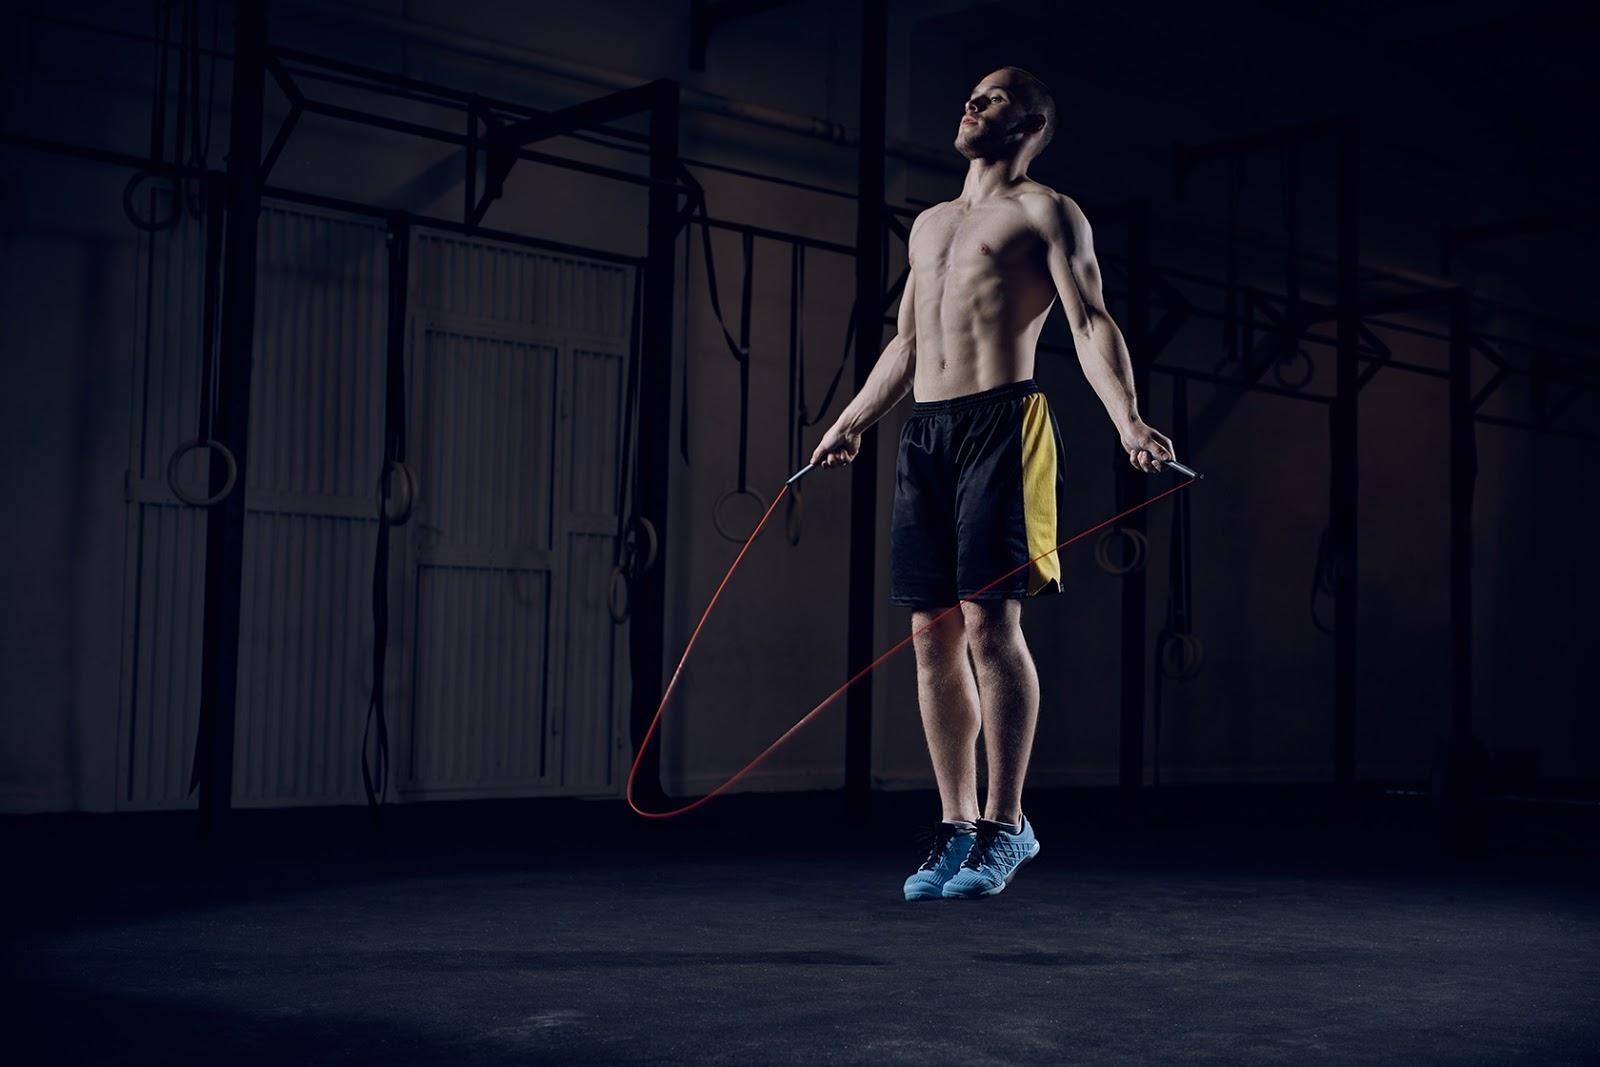 Evde Yapabileceğiniz Göbek Eritme Hareketleri - Rope Jumping